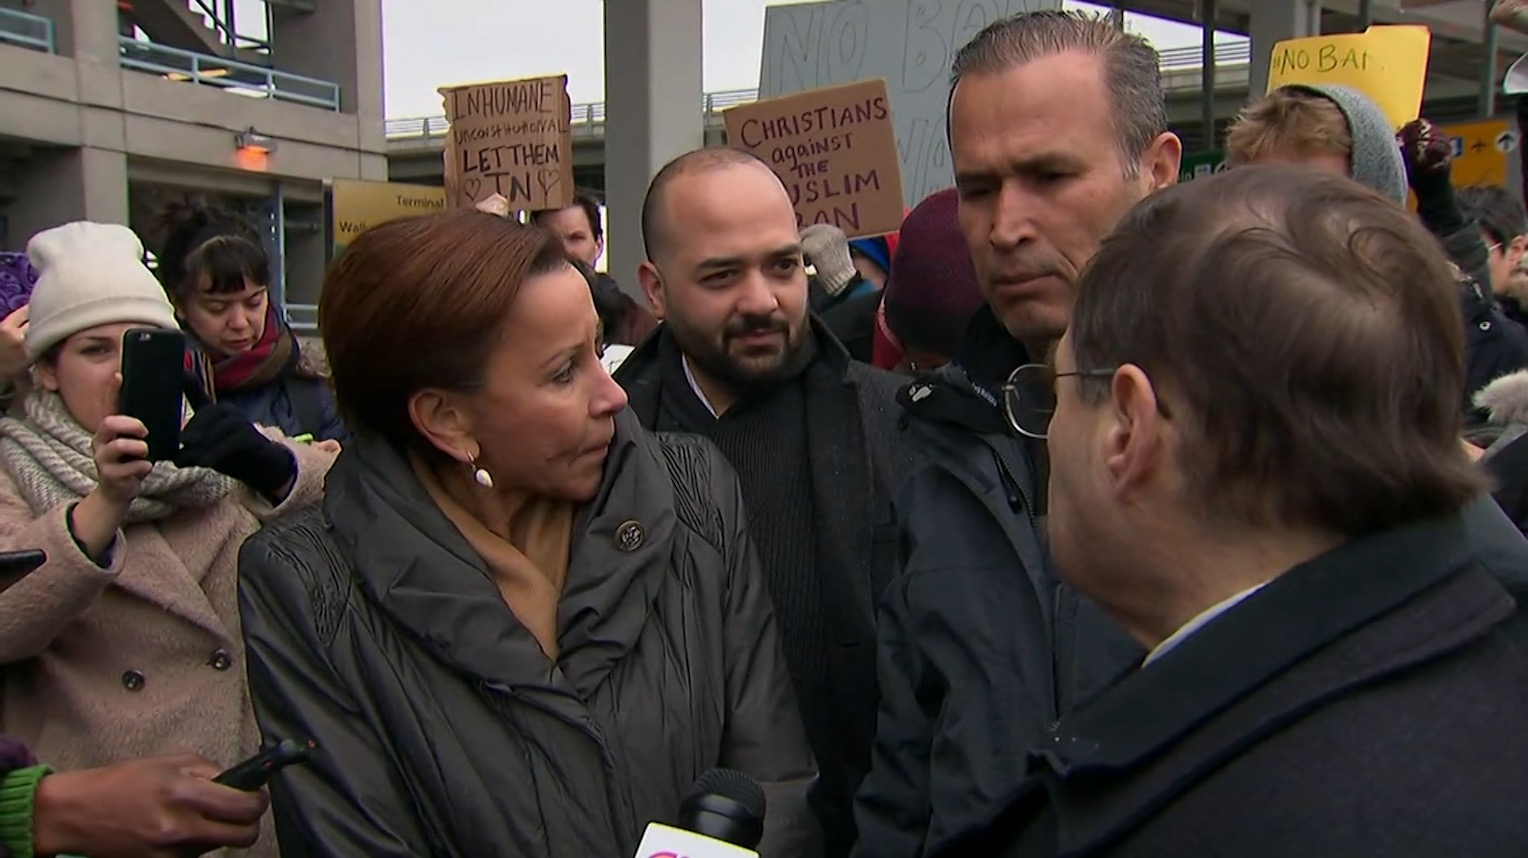 عراقي منع الدخول بمطار بنيويورك: قالوا لا واحتجزت ليومين